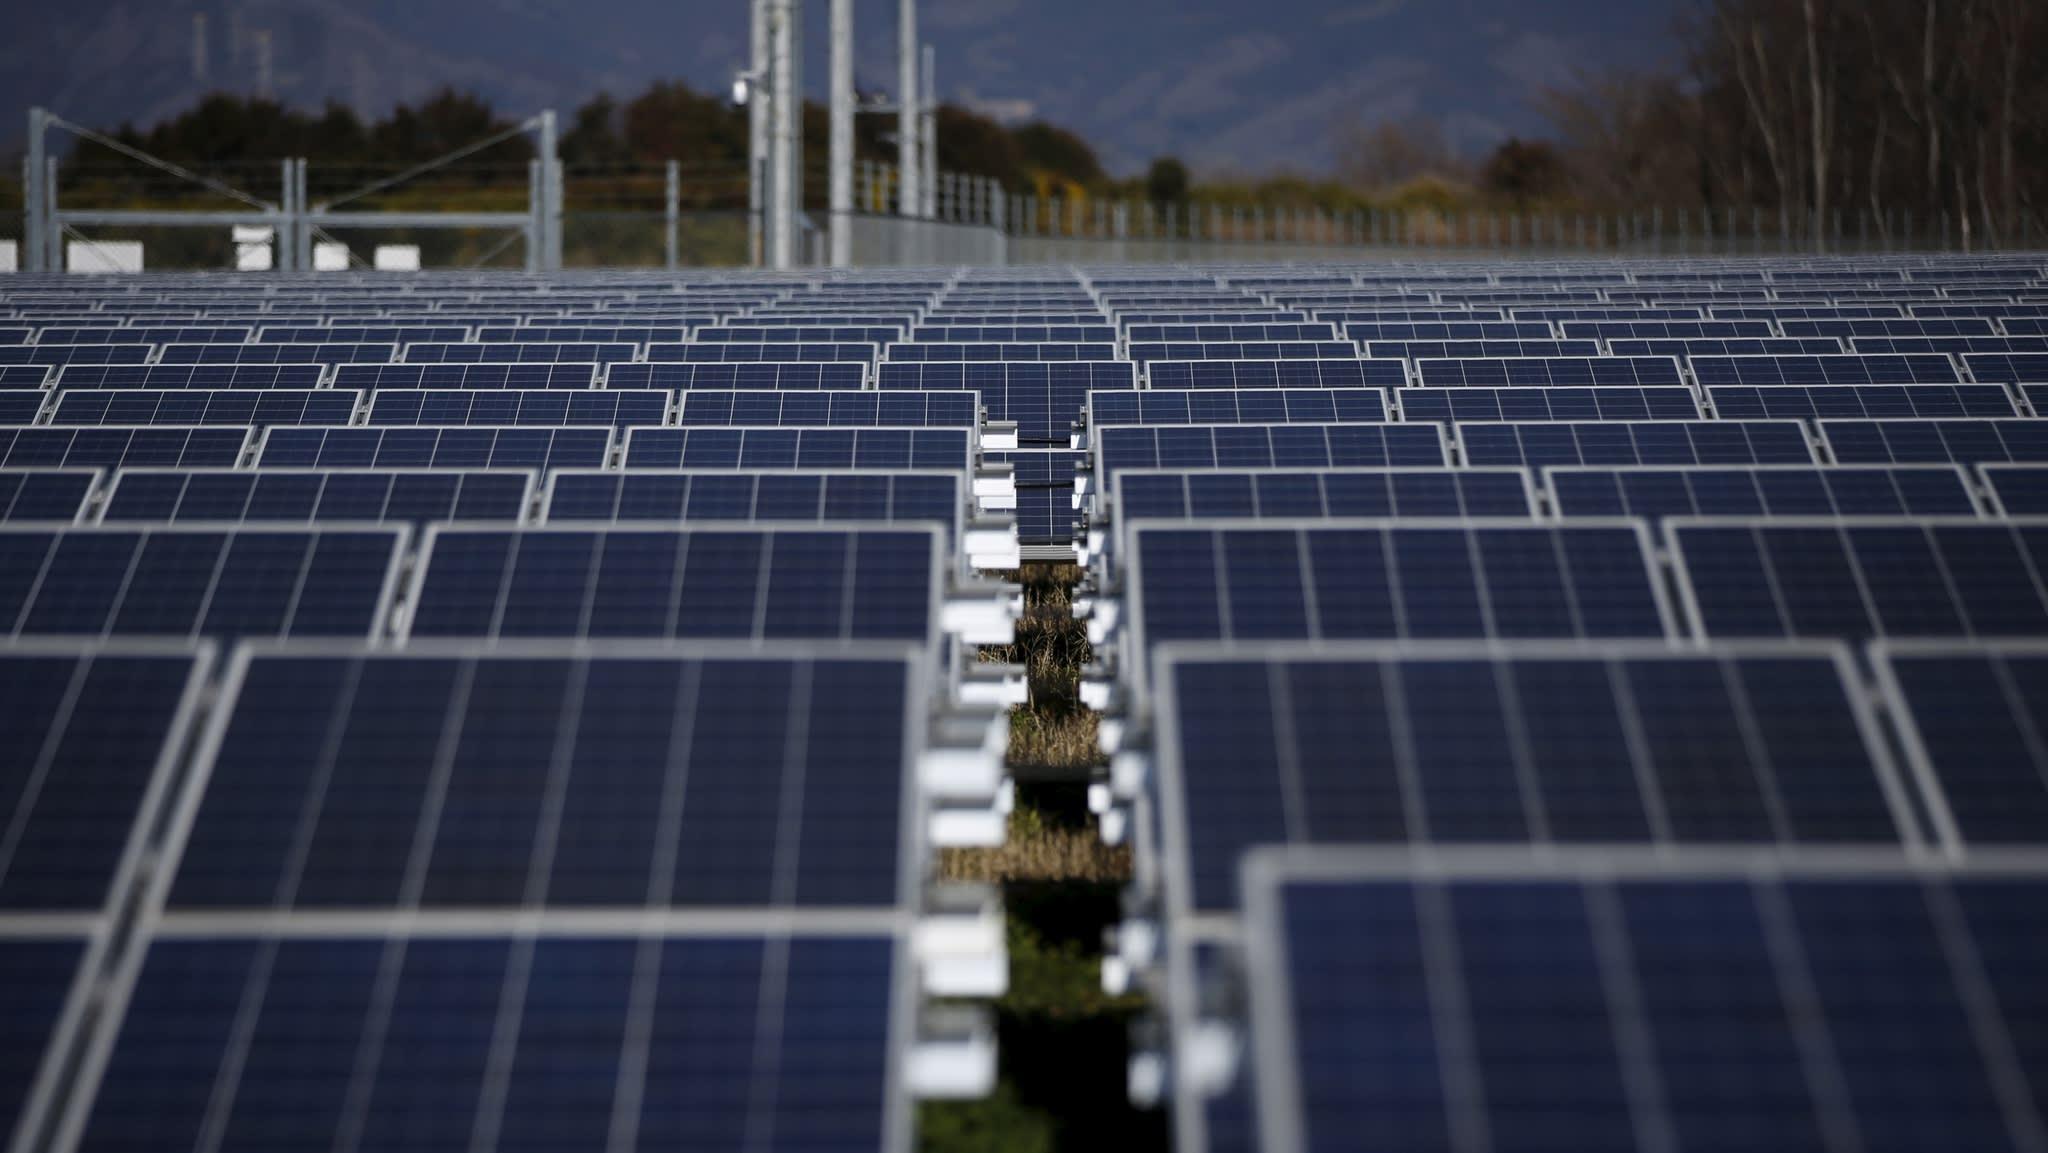 Уряд Франції стане спонсором будівництва сонячних електростанцій в зоні відчуження